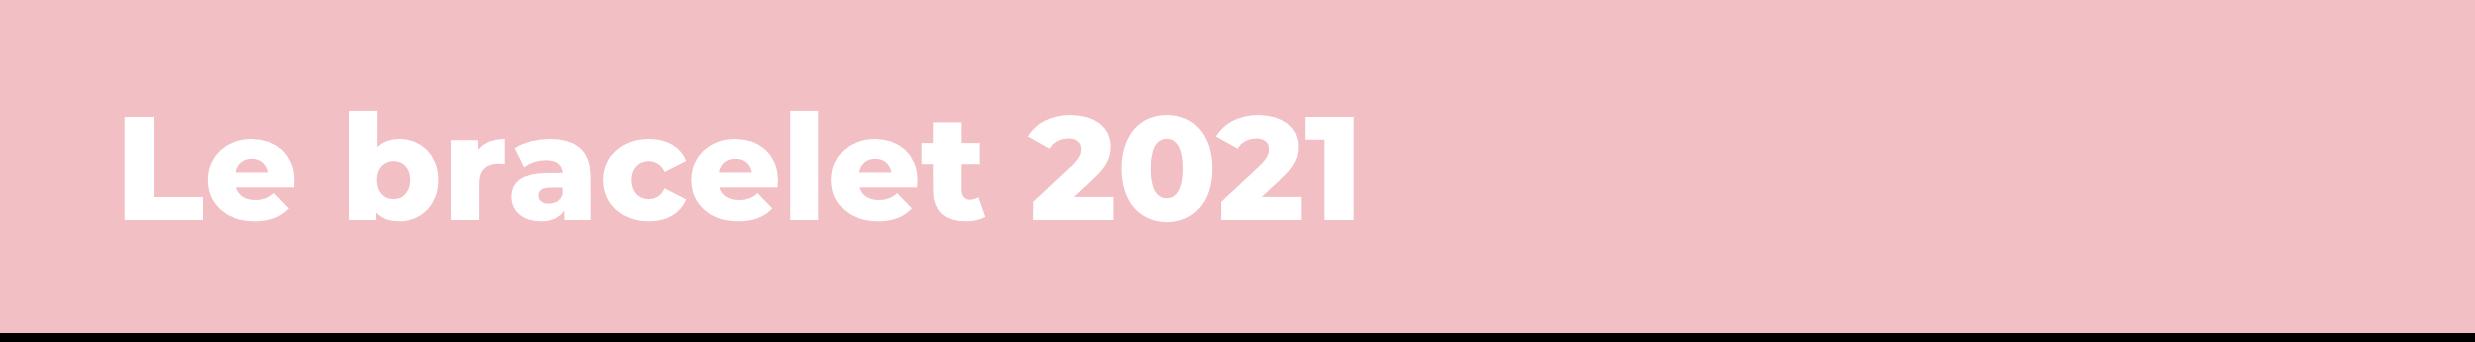 Le bracelet 2021